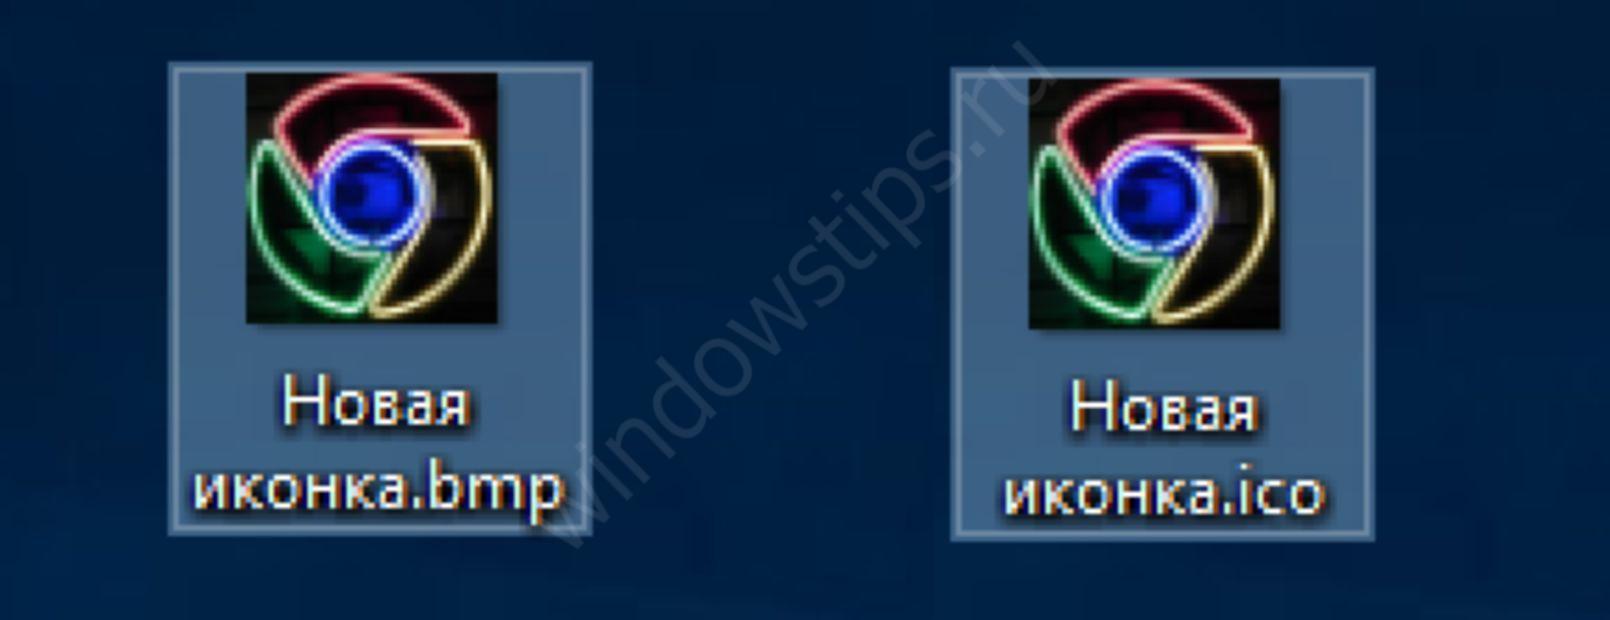 Значки рабочего стола Windows 10: настрой свой ПК под себя!